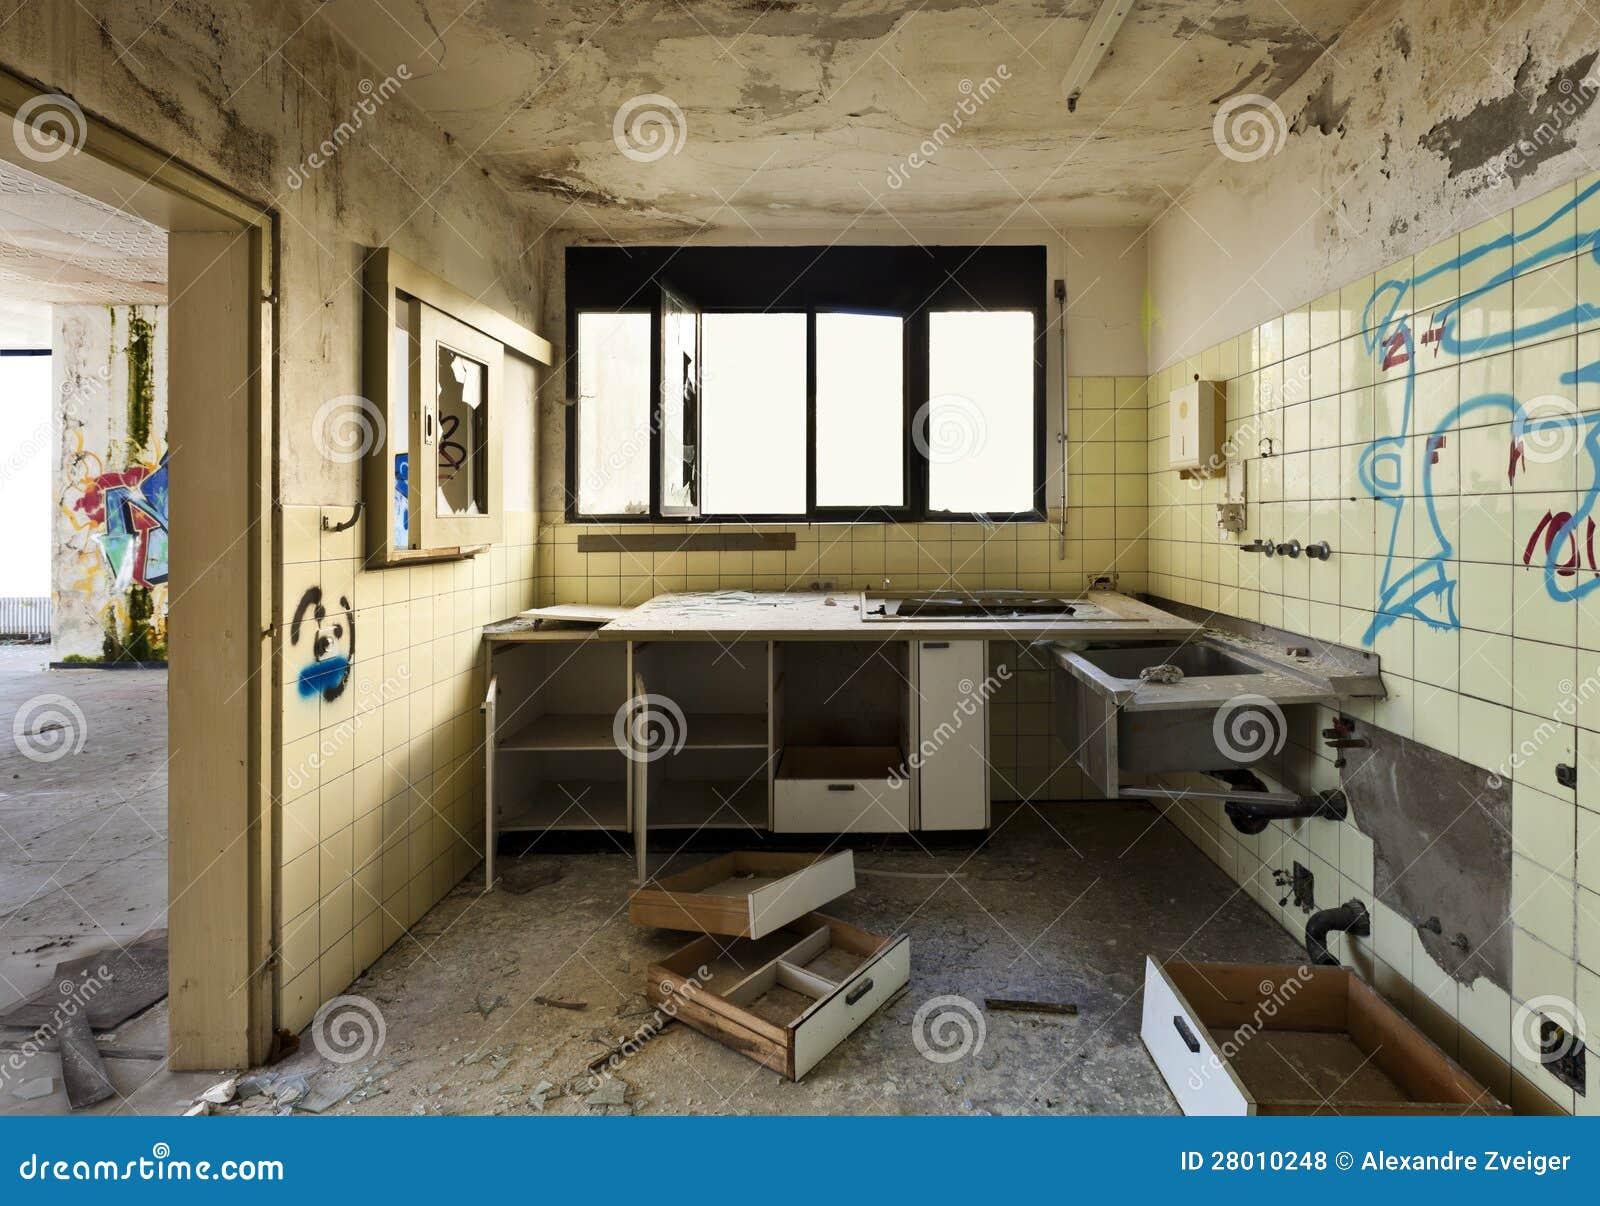 vieille cuisine d truite photos libres de droits image 28010248. Black Bedroom Furniture Sets. Home Design Ideas